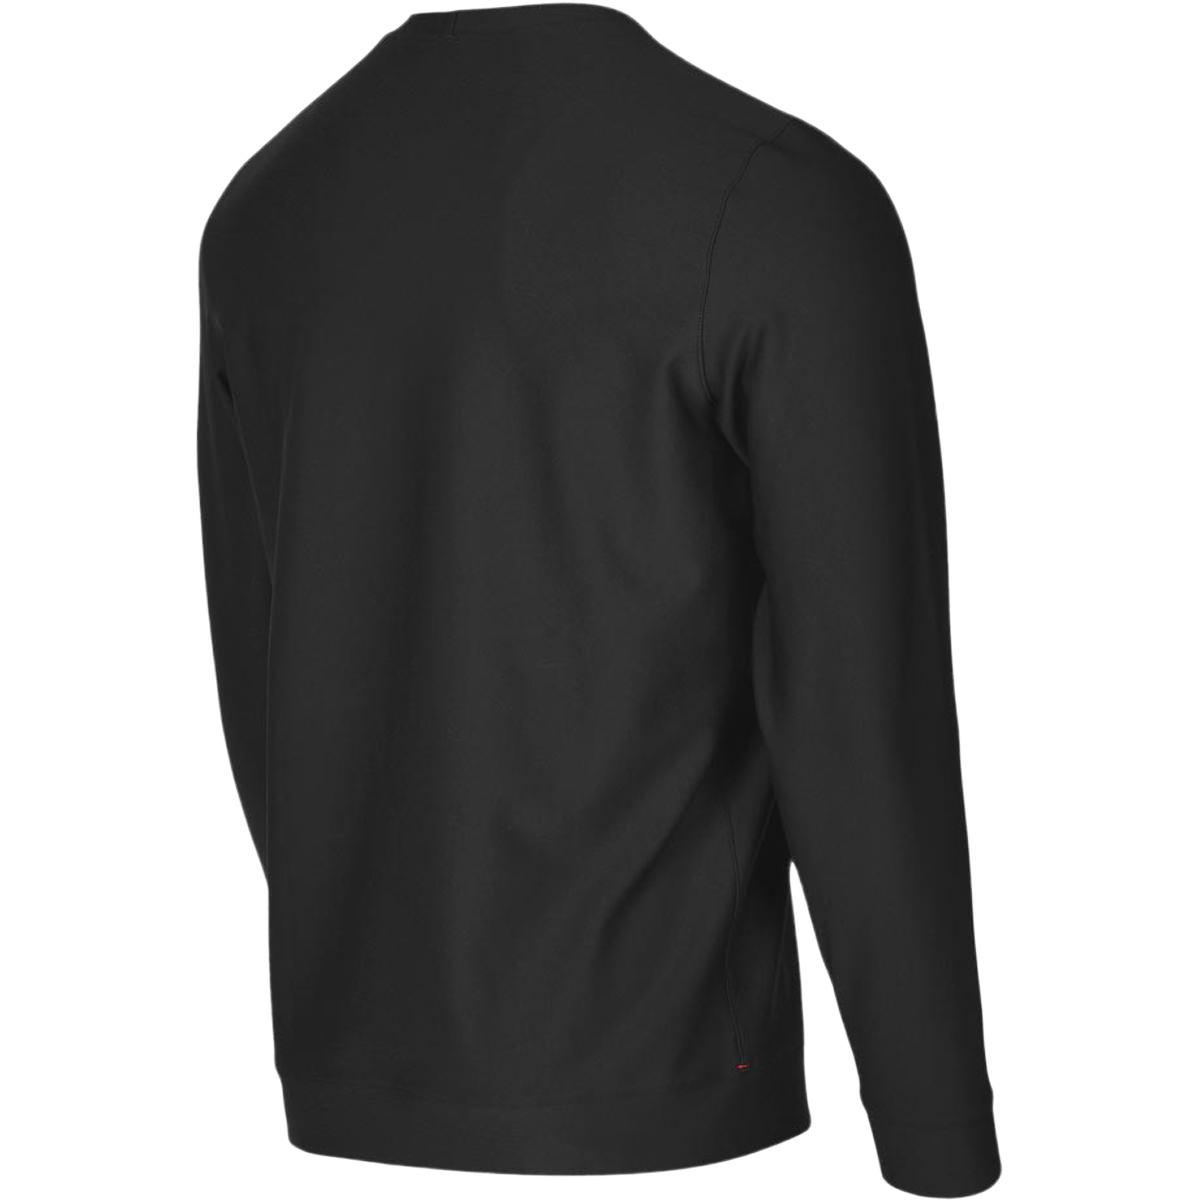 FUSION Recharge Sweatshirt